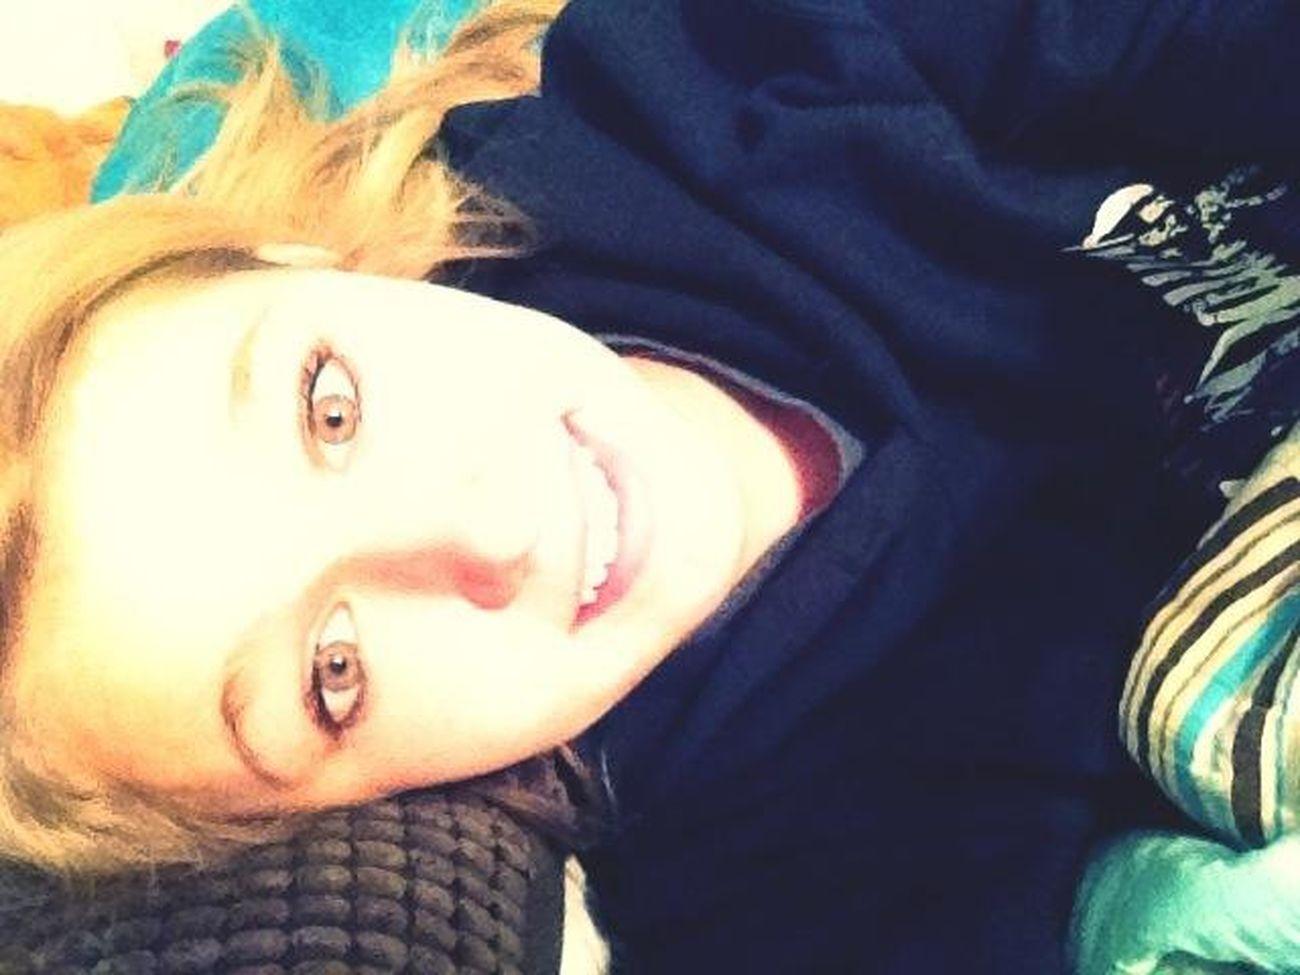 Super Bored